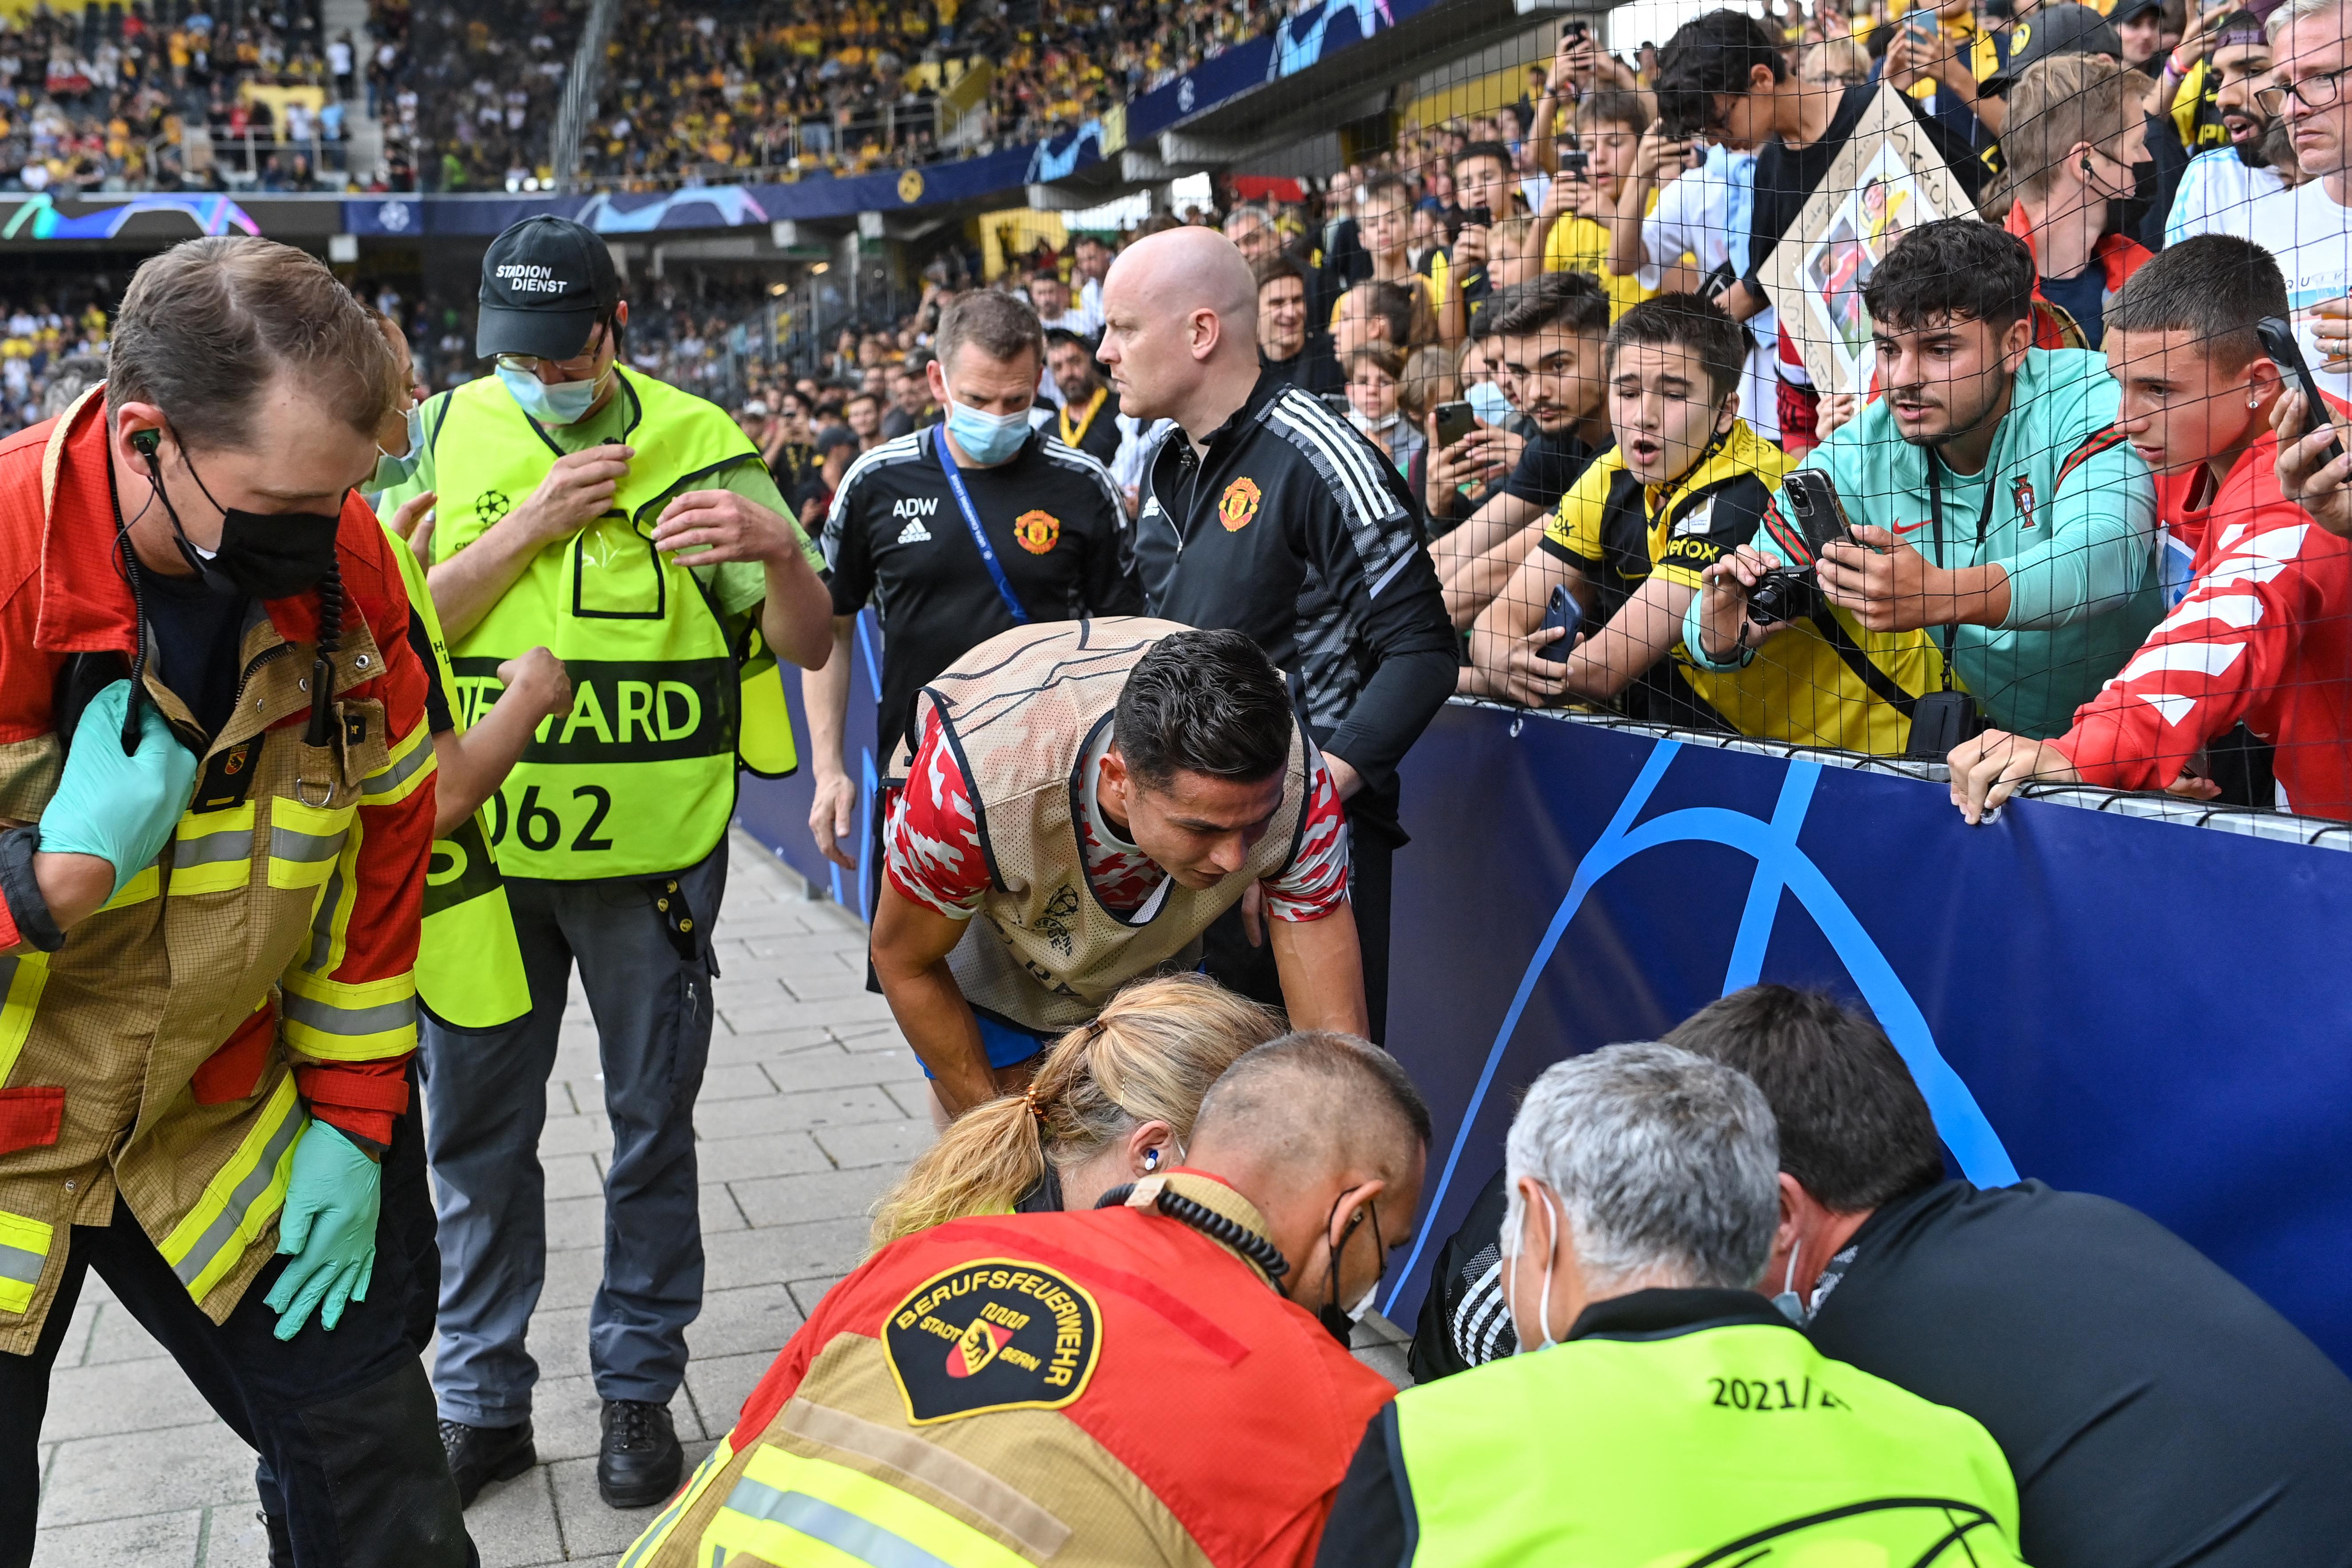 Cristiano Ronaldo a bemelegítésnél úgy eltalált egy biztonsági őrt a labdával, hogy ő maga is aggódott a rendező testi épségért